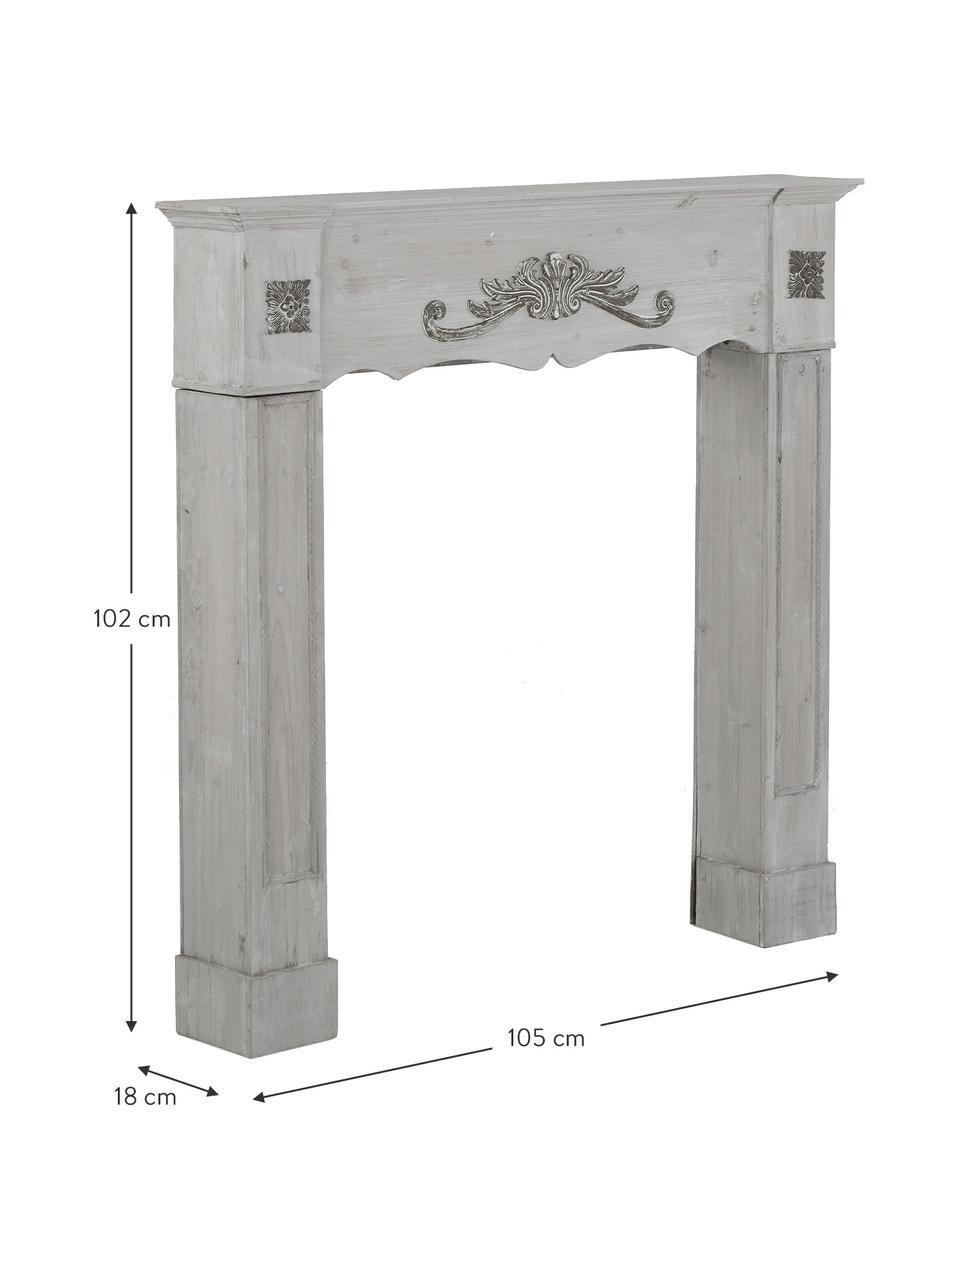 Portal kominkowy Menton, Płyta pilśniowa średniej gęstości, drewno paulownia, lakierowane, Szary, S 105 x G 18 cm